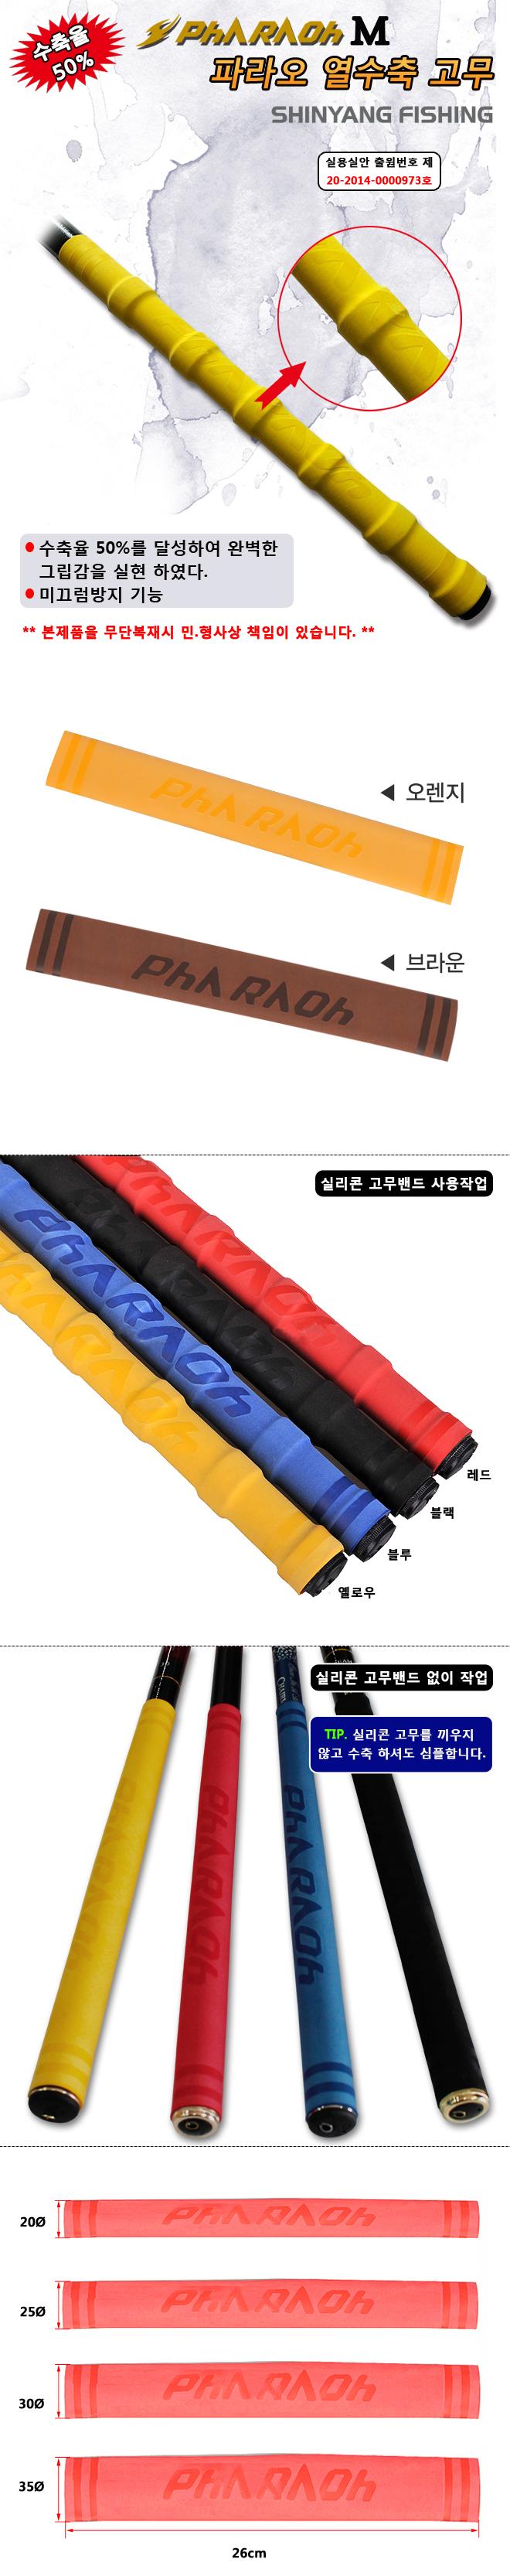 파라오 M 칼라 열수축고무 (브라운,오렌지) 손잡이수축고무 그립수축고무